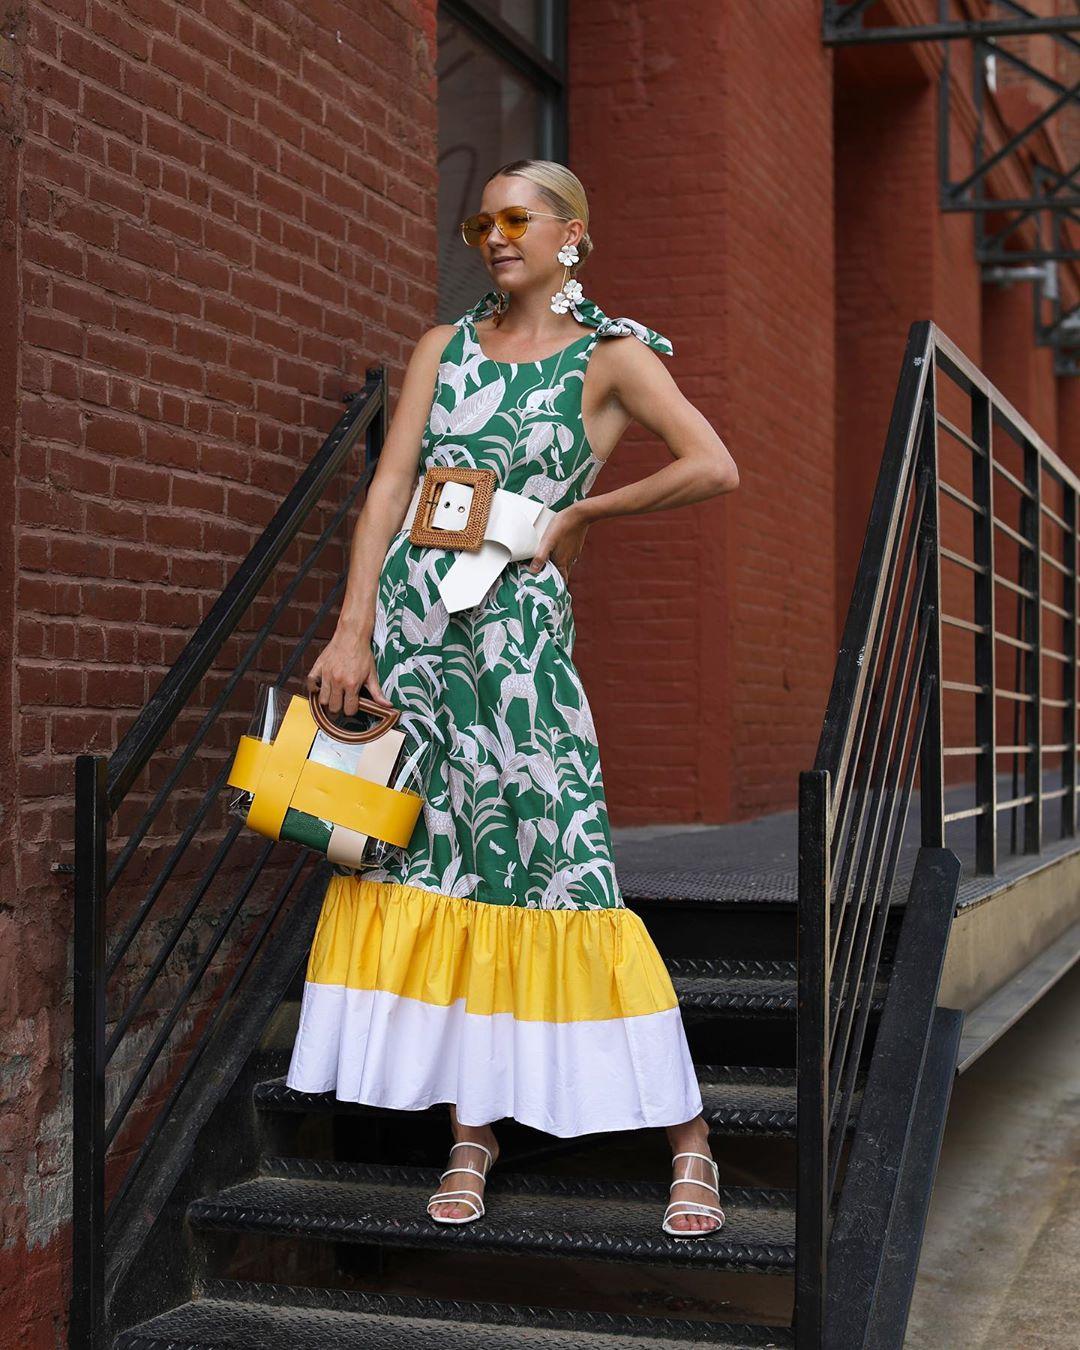 Cách phối màu quần áo đậm chất mùa hè với tông màu vàng và xanh lá cây